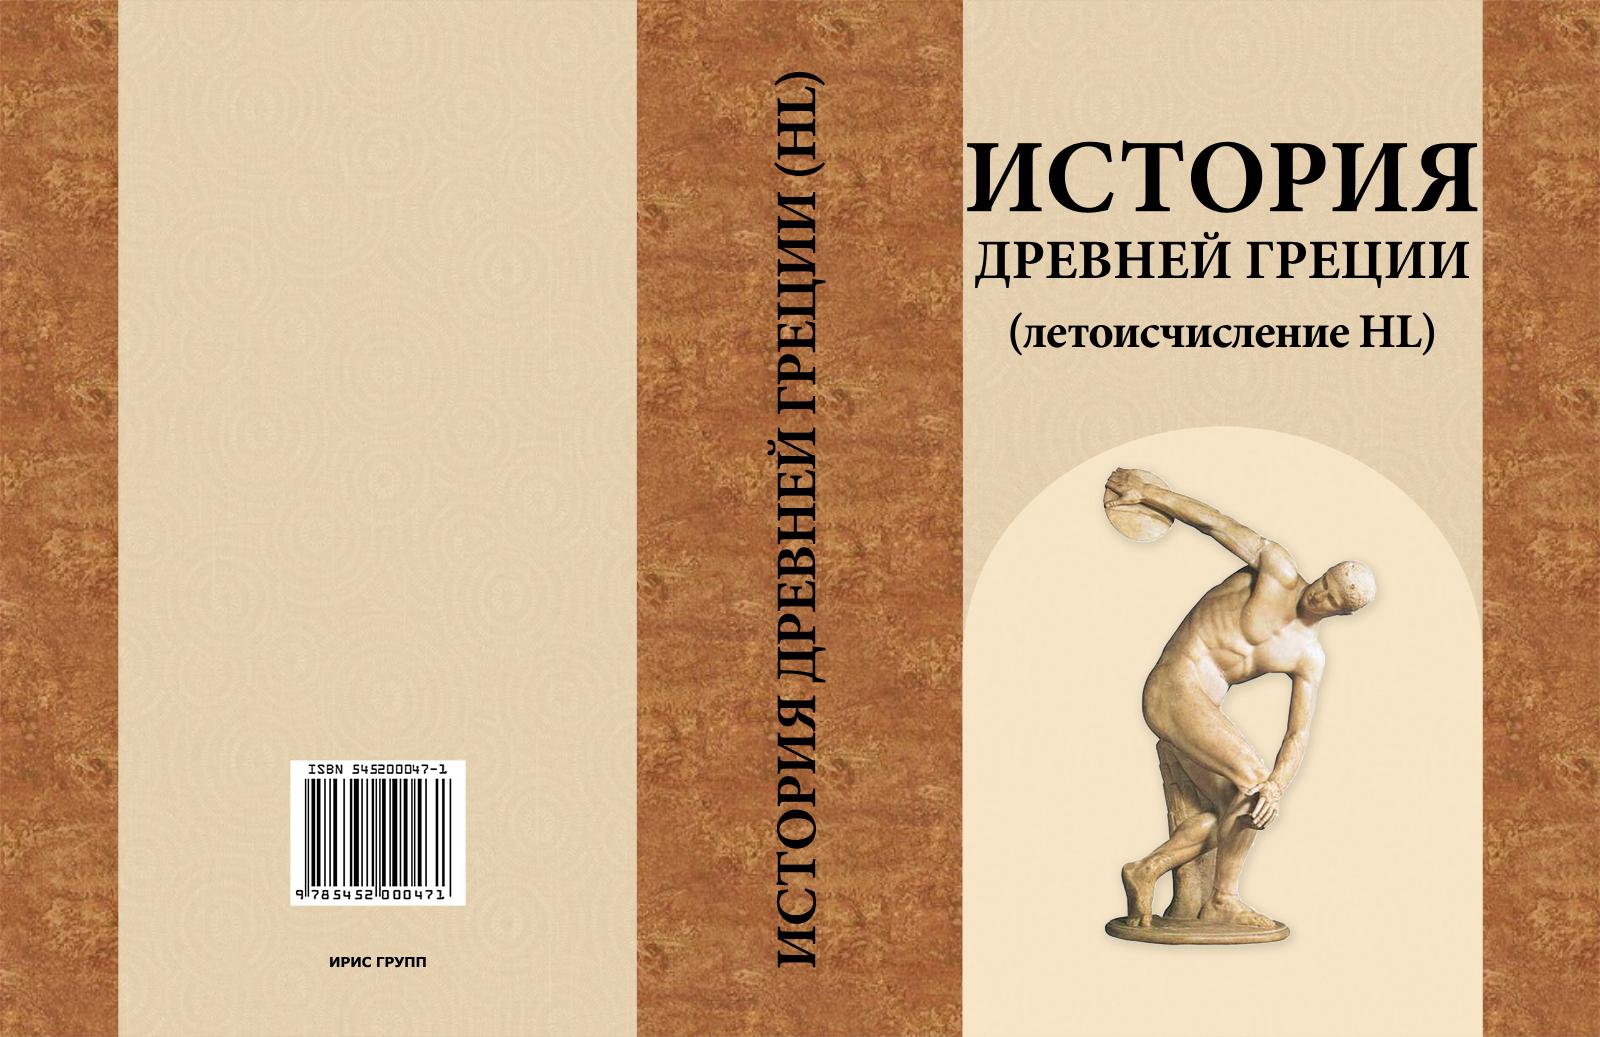 Обложка книги в развороте